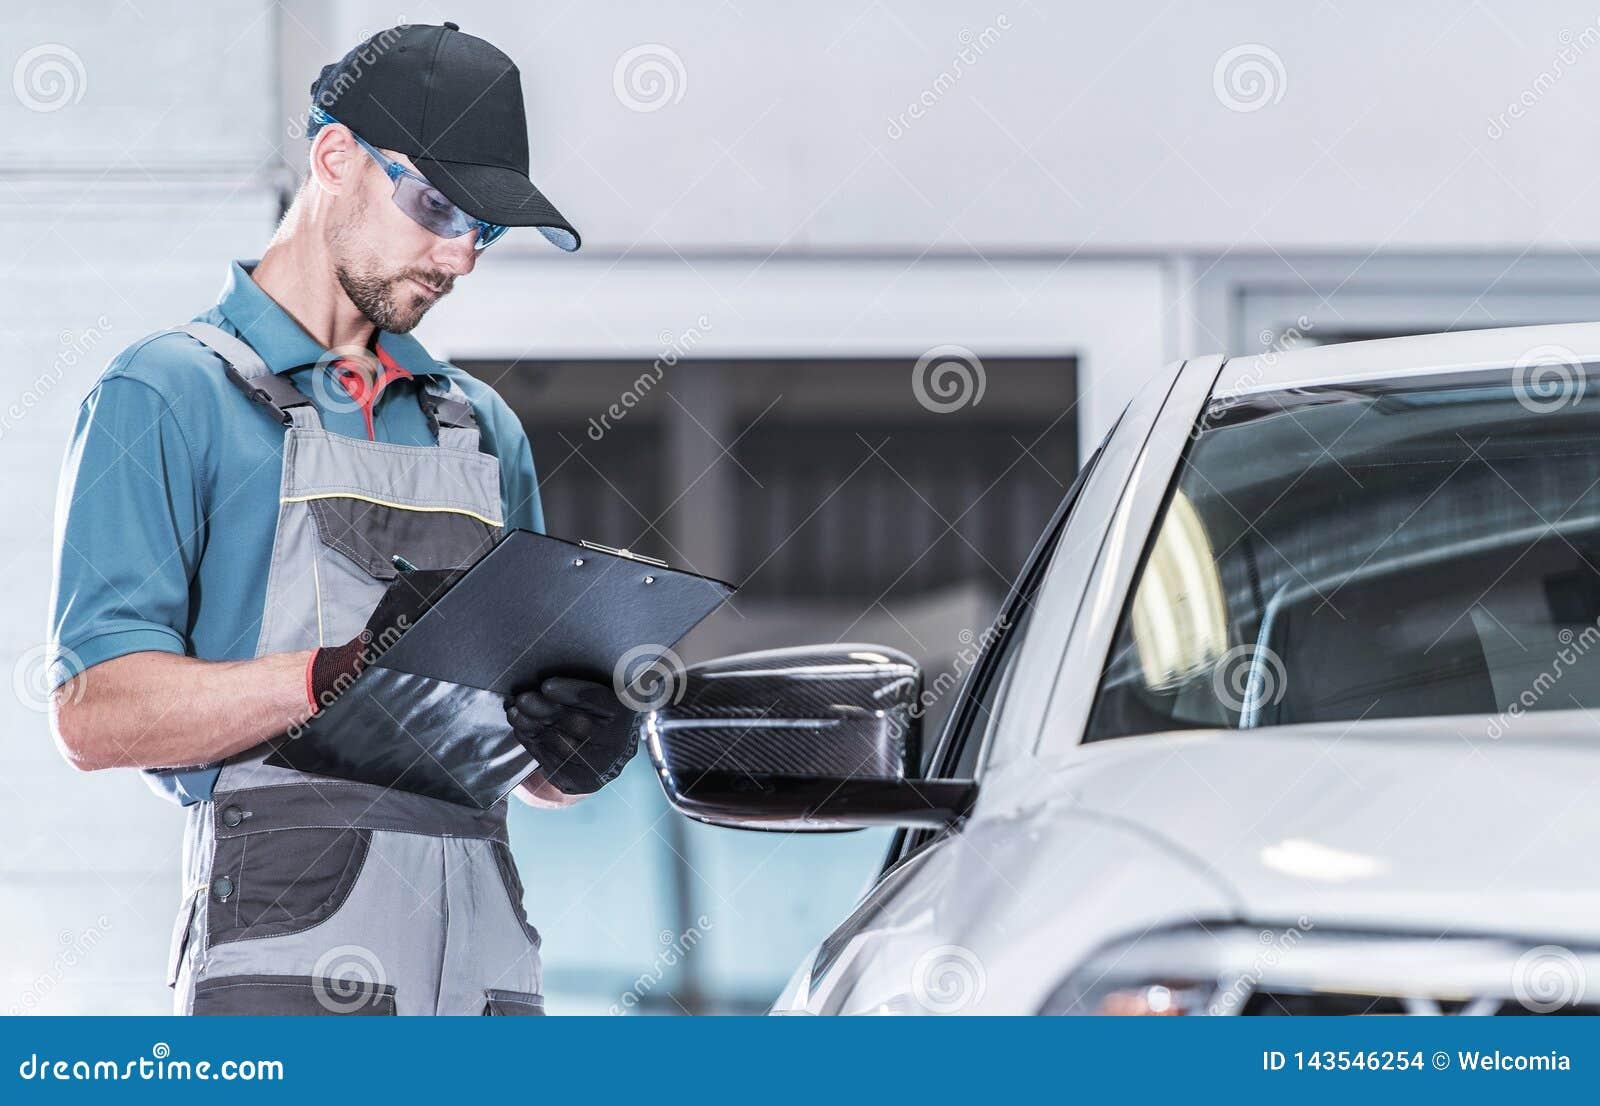 Travailleur automatique certifié de service